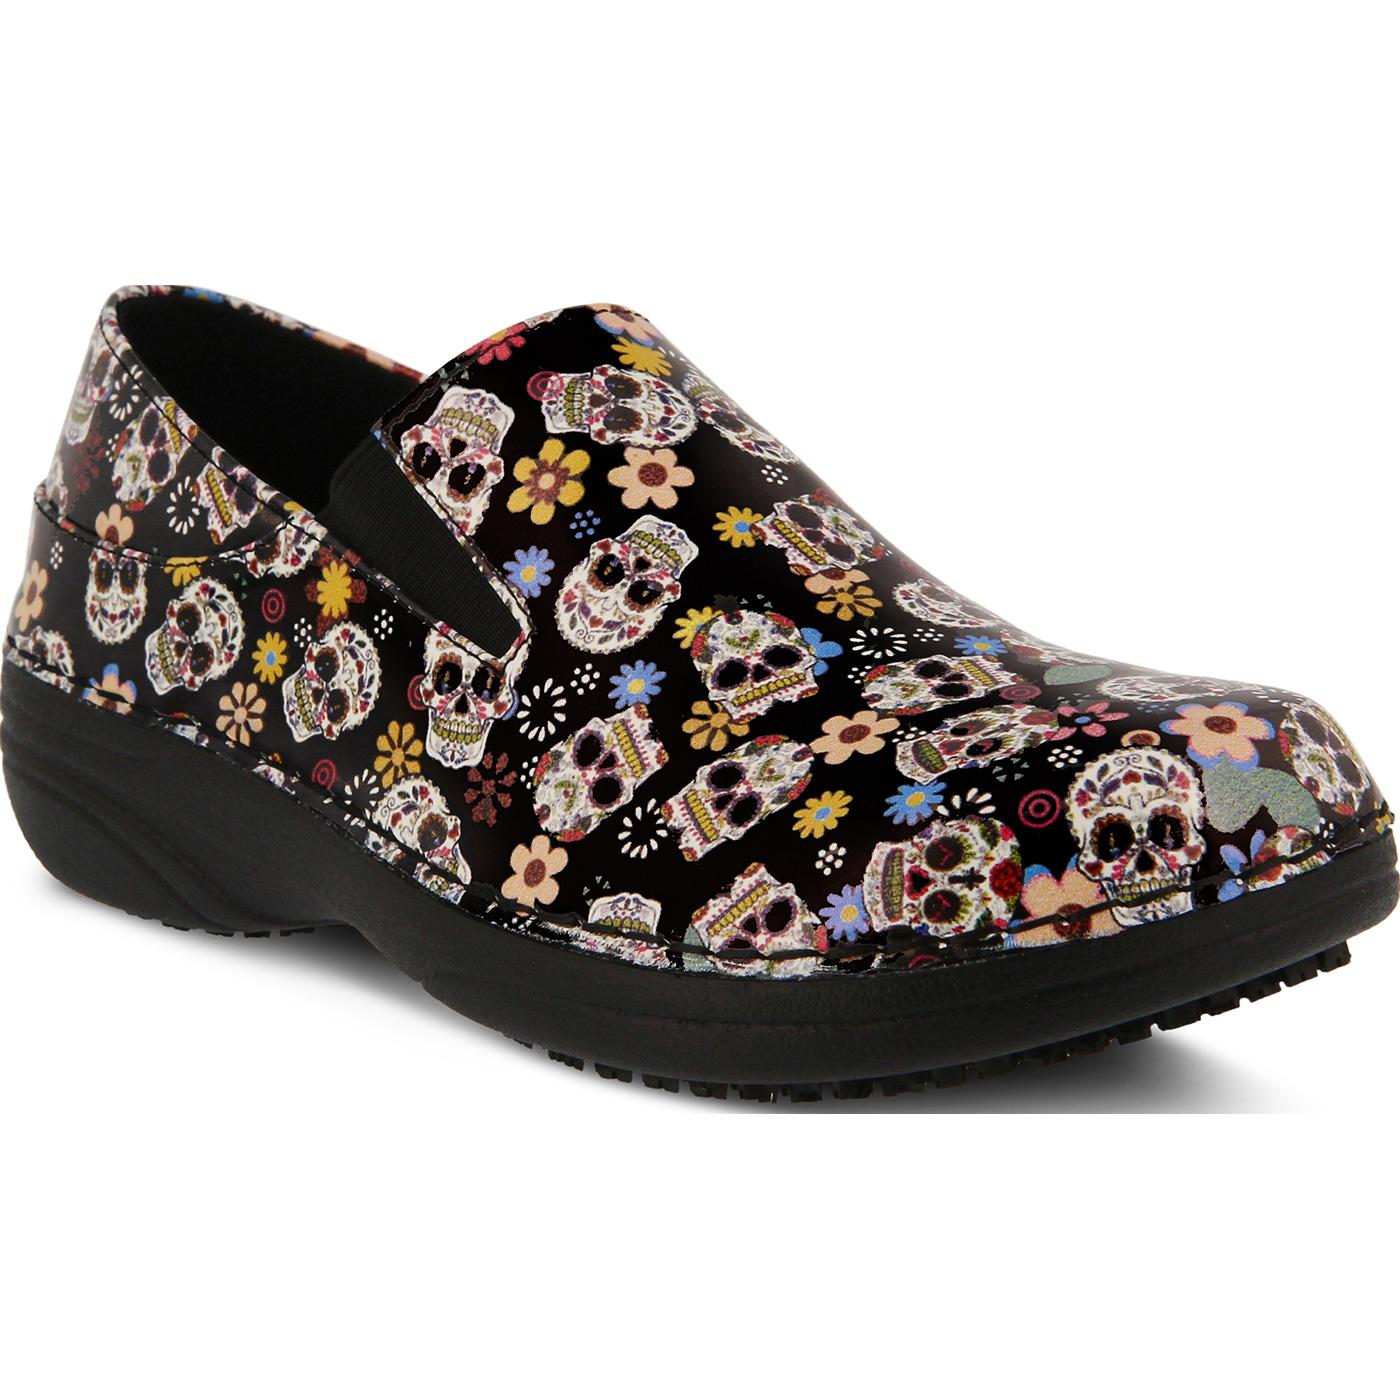 f8b7cd88de Spring Step Ferrara Small Sugar Skull Women's Slip-Resistant Slip-On Work  ShoeSpring Step Ferrara Small Sugar Skull Women's Slip-Resistant Slip-On  Work Shoe ...